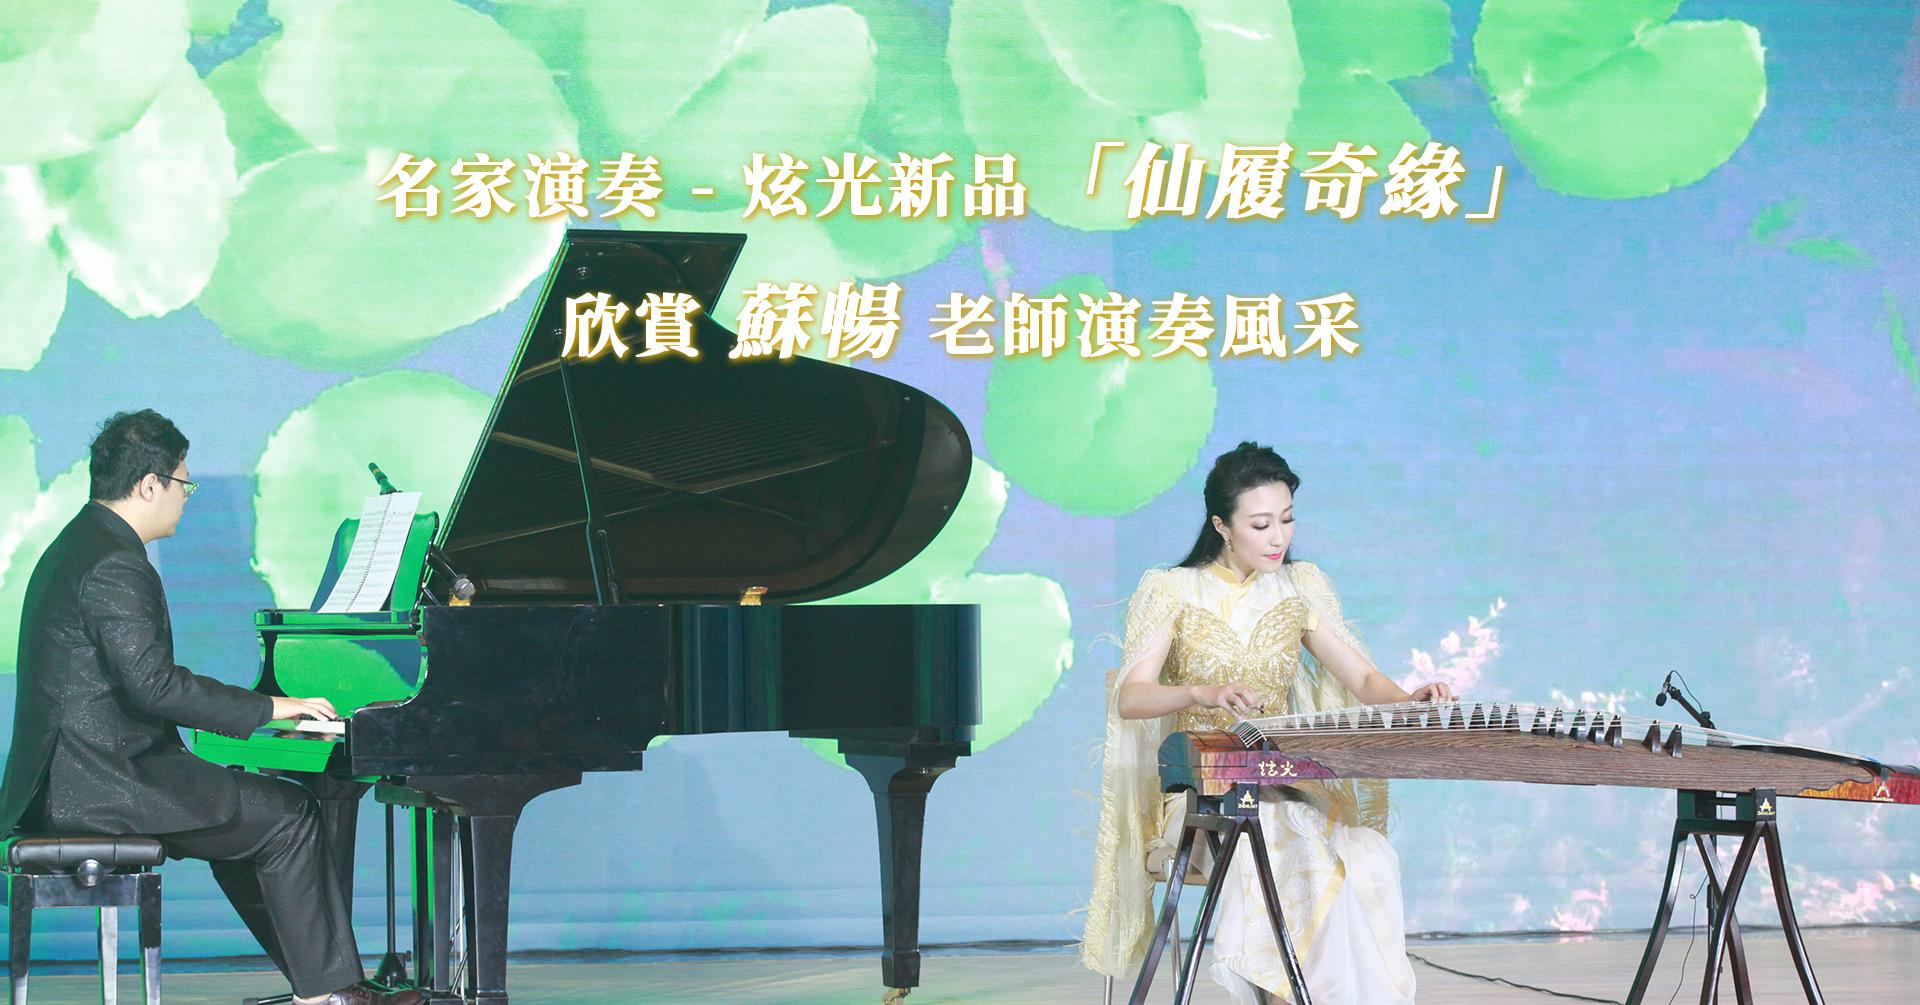 名家演奏炫光新品「仙履奇緣」欣賞蘇暢老師演奏風采 (視頻分享)